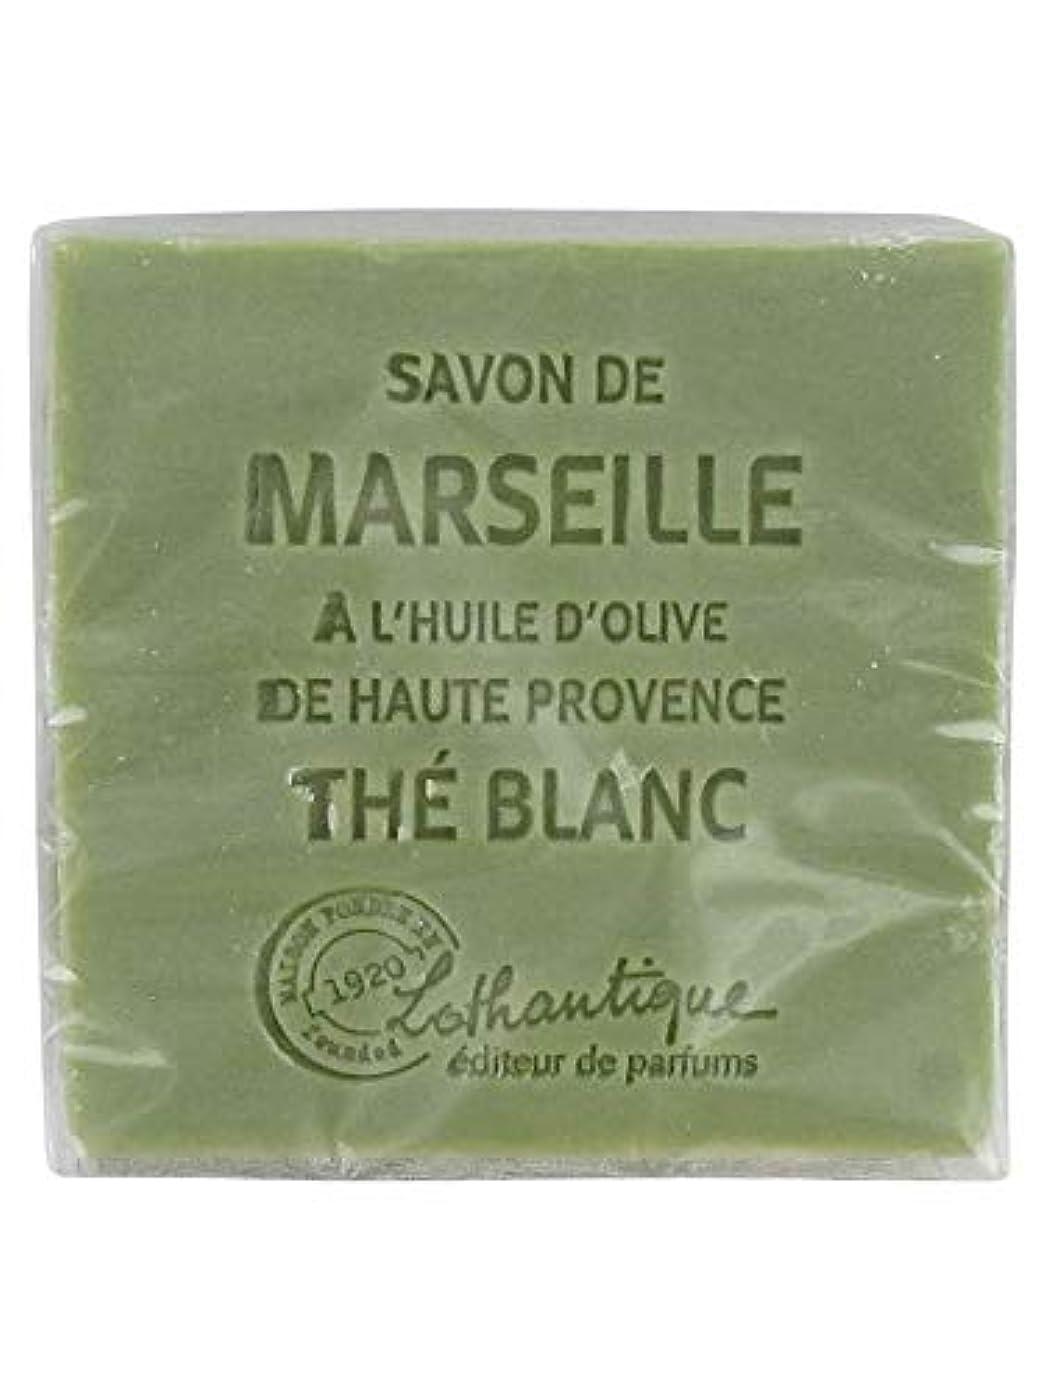 パキスタンむしろ廃止するLothantique(ロタンティック) Les savons de Marseille(マルセイユソープ) マルセイユソープ 100g 「ホワイトティー」 3420070038036